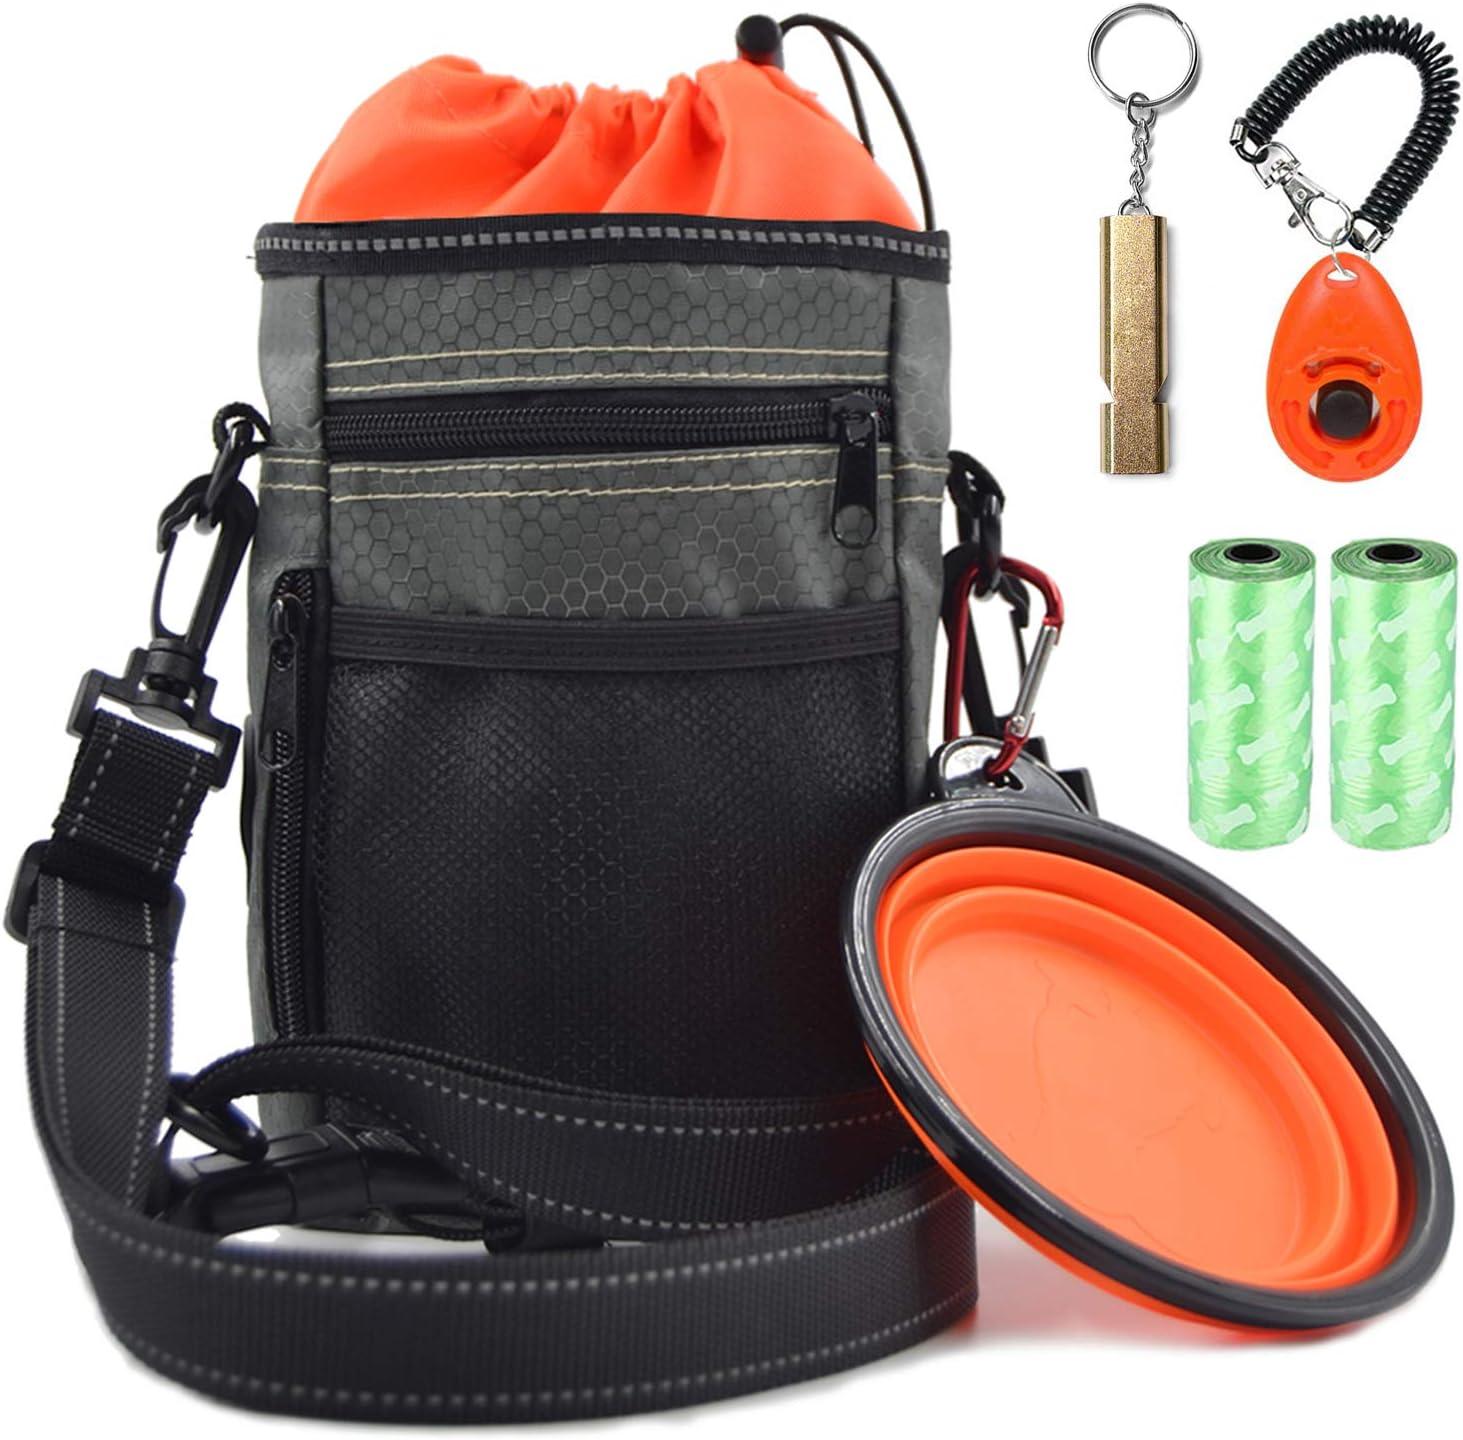 Vivi Bear Dog Treat Bag with Poop Bag Holder, Reflective & Waterproof Shoulder Strap Waist Belt - FREE Doggie Clicker, Training Whistle, Collapsible Feeder Bowl,Poop Bag - Dog Pouch Bag for Food, Toys